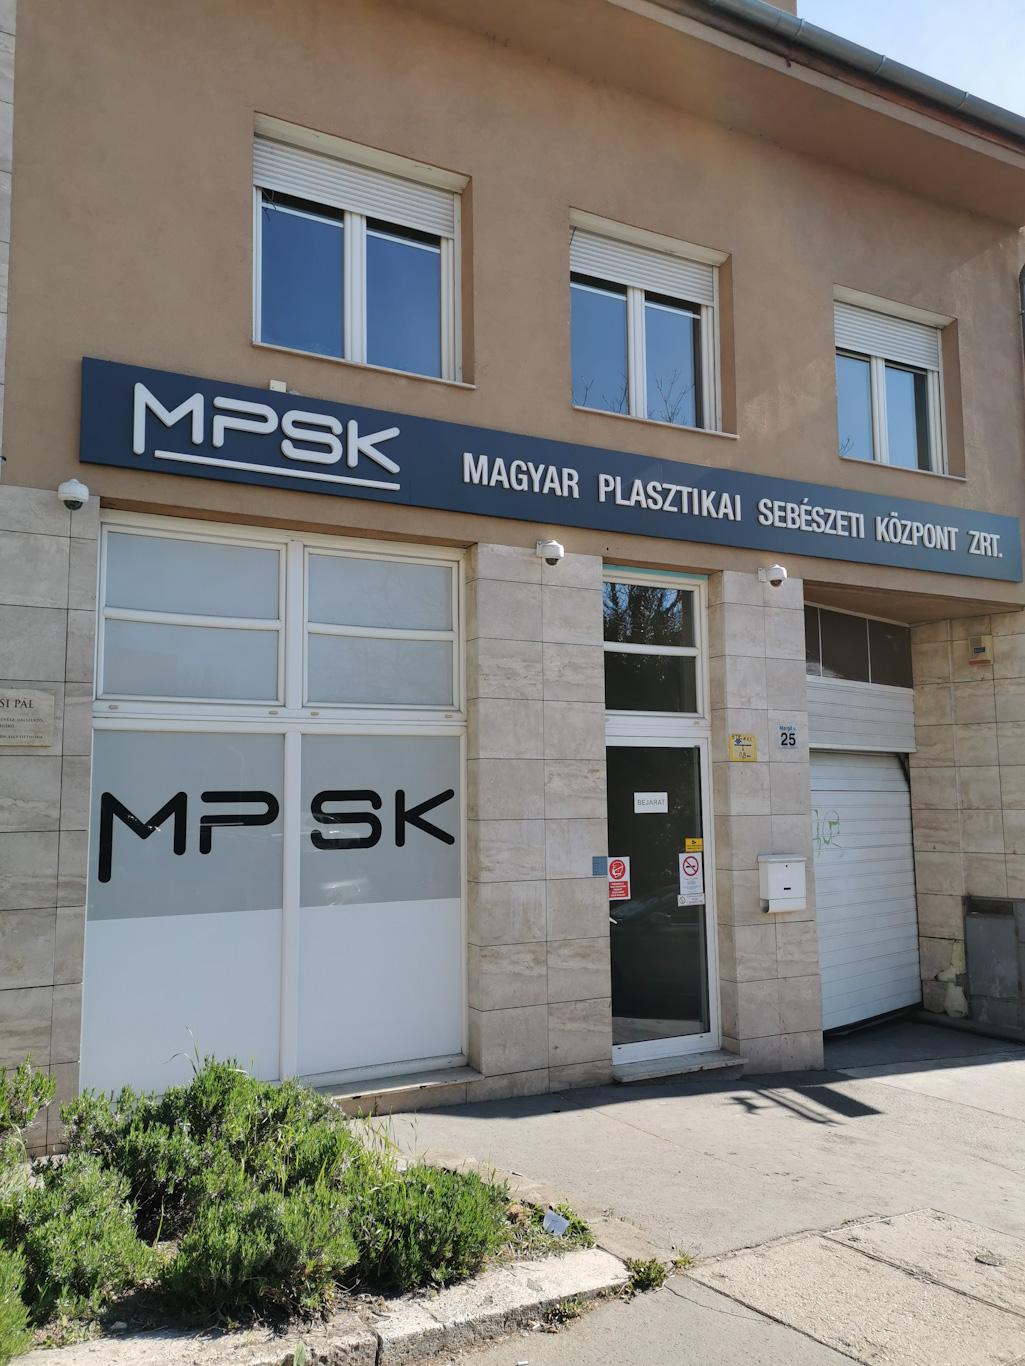 plasztikai sebészeti központ